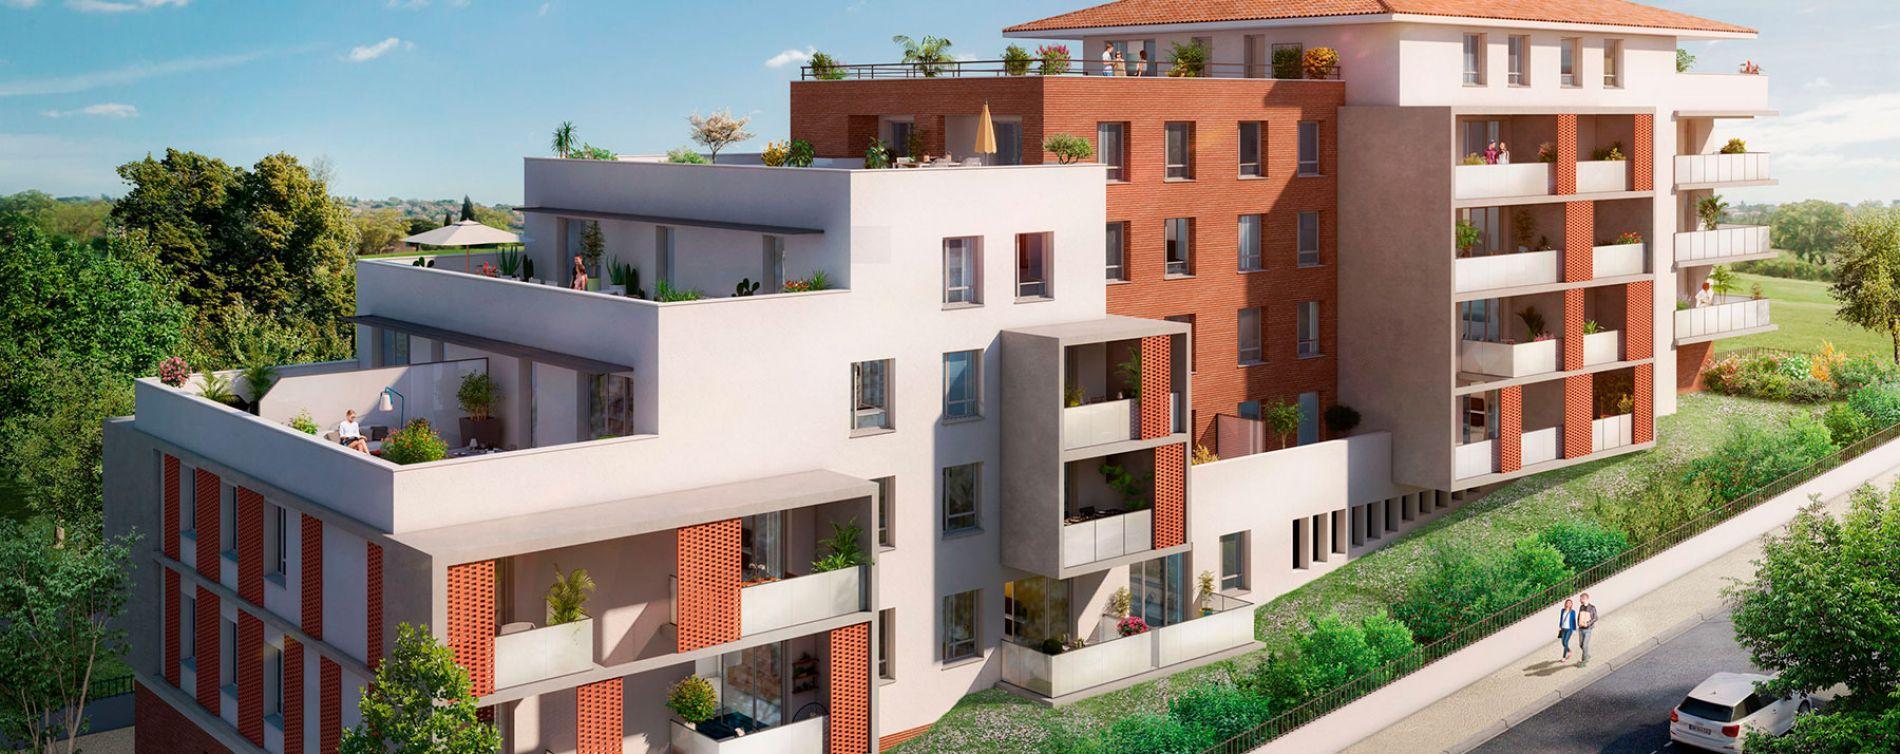 Résidence Toscani - Sienne à Saint-Orens-de-Gameville